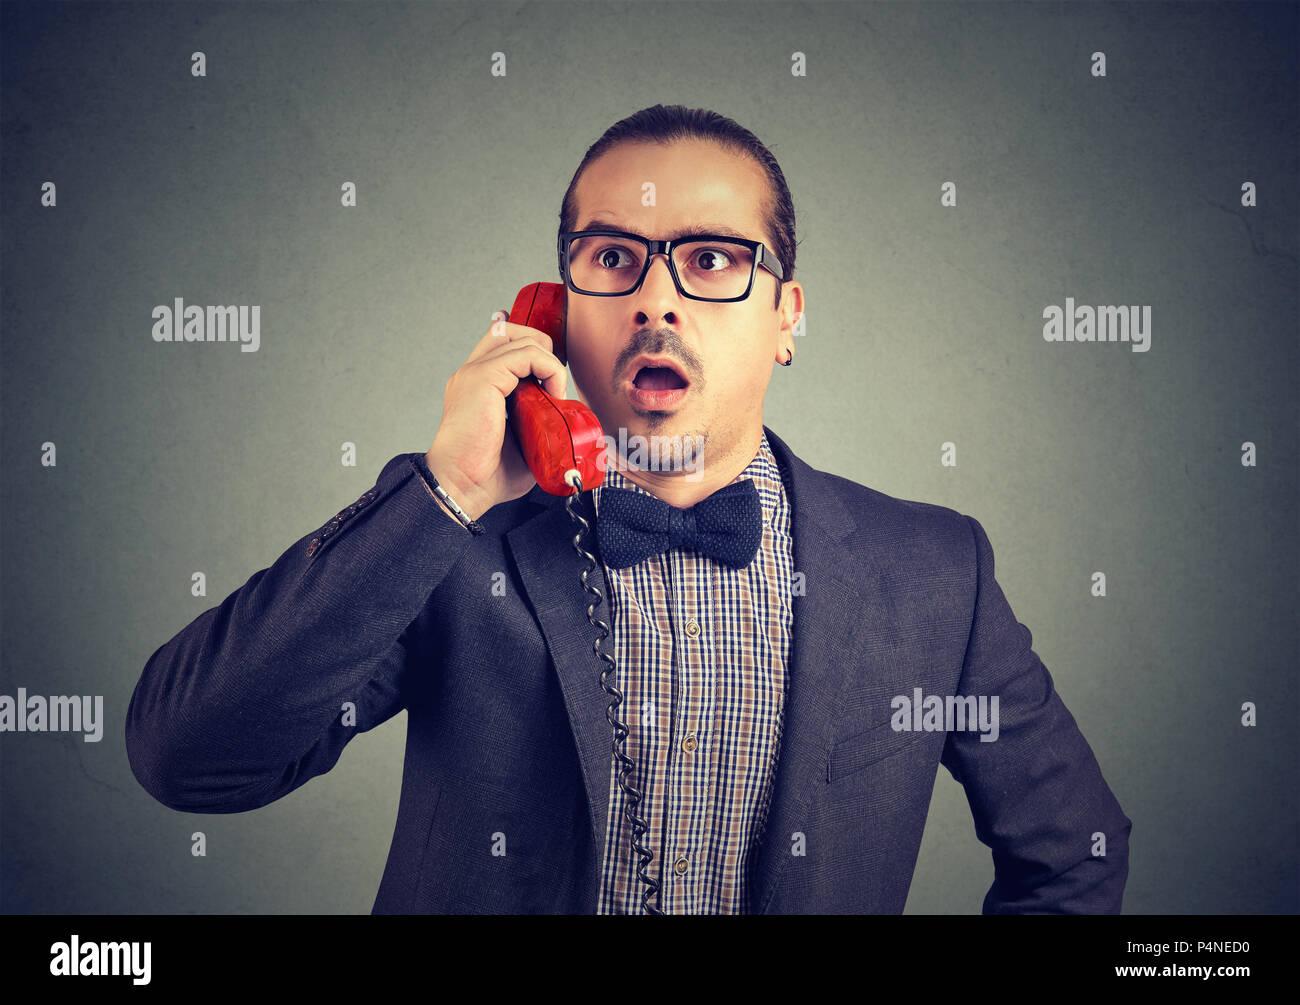 Elegante uomo stupito in bicchieri cerca storditi pur avendo chiamata sul telefono alla ricerca di distanza su sfondo grigio Immagini Stock